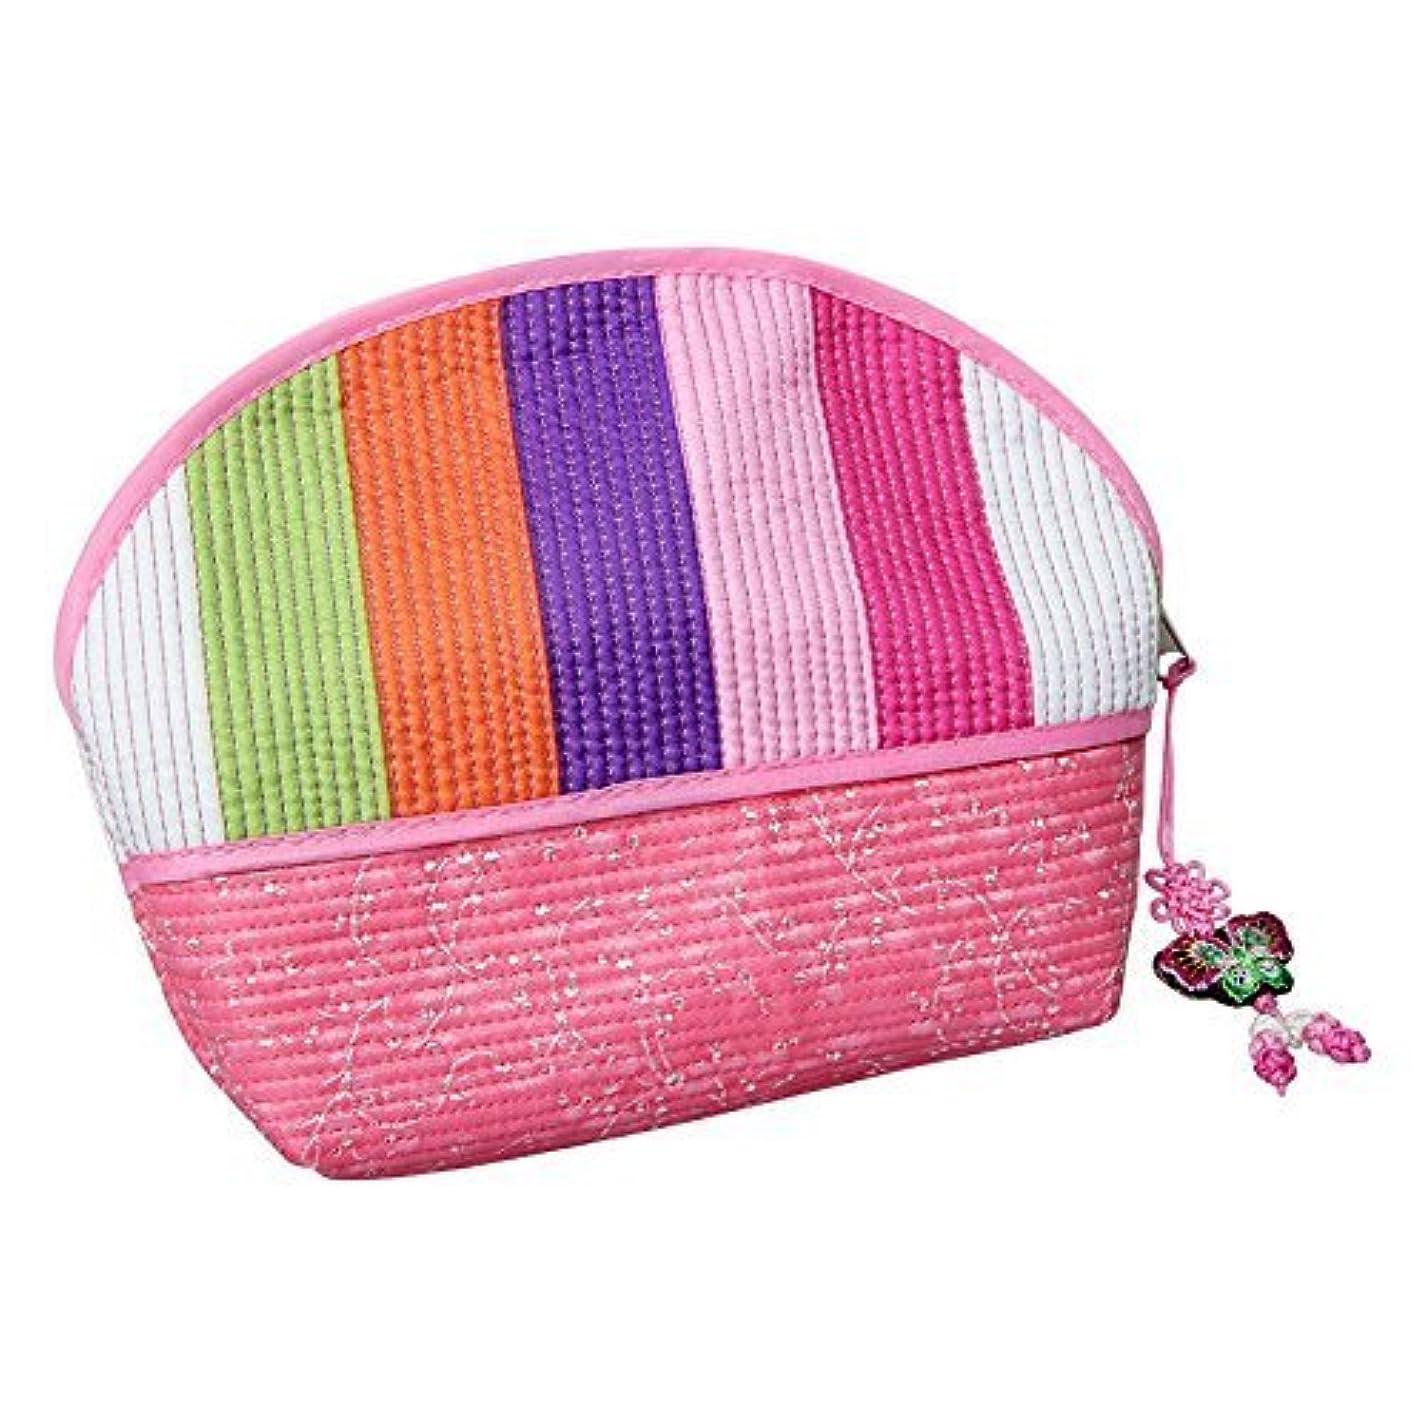 旋律的偉業比喩Cosmetic Pouch pink / 韓国の伝統的なパターン/韓国のお土産の贈り物 [並行輸入品]